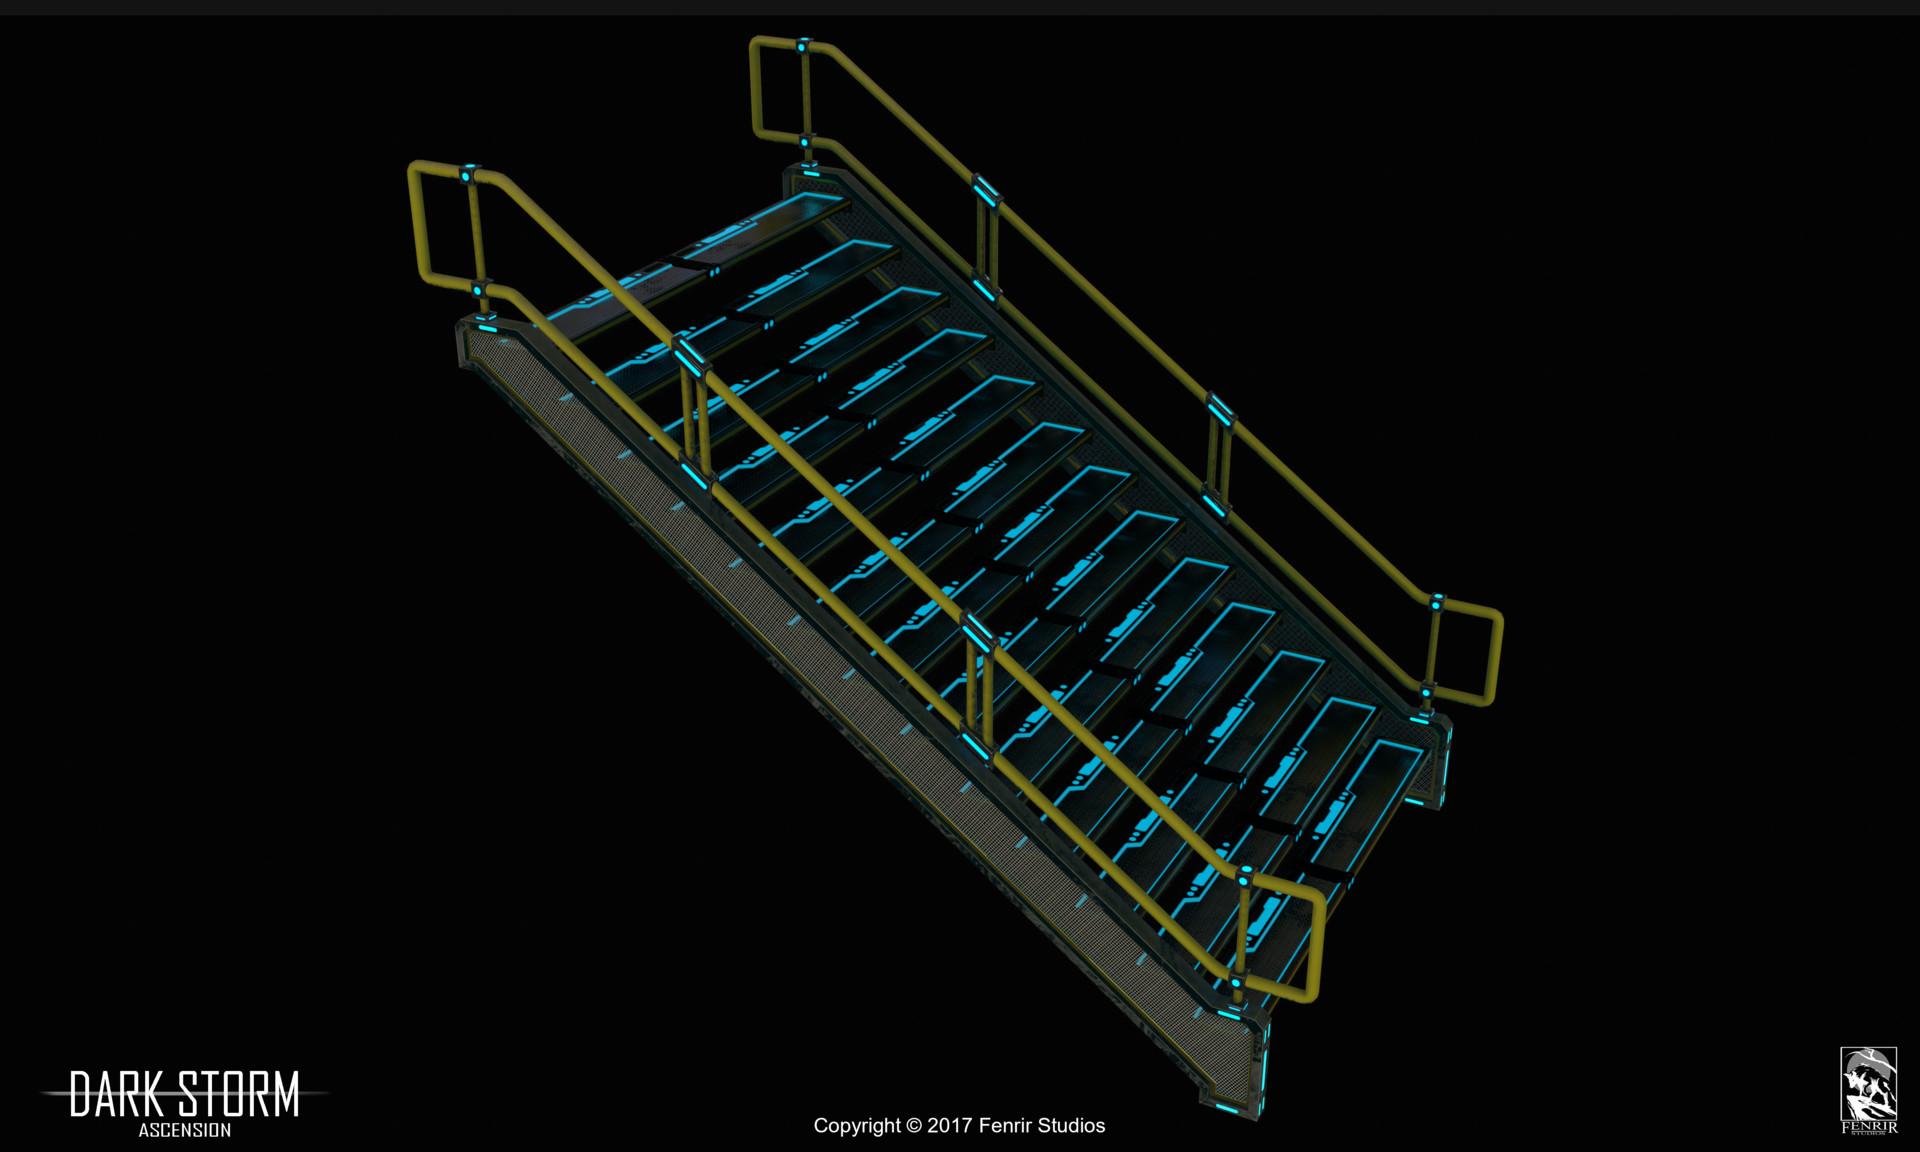 Nikolaos kaltsogiannis presentation stairs 01